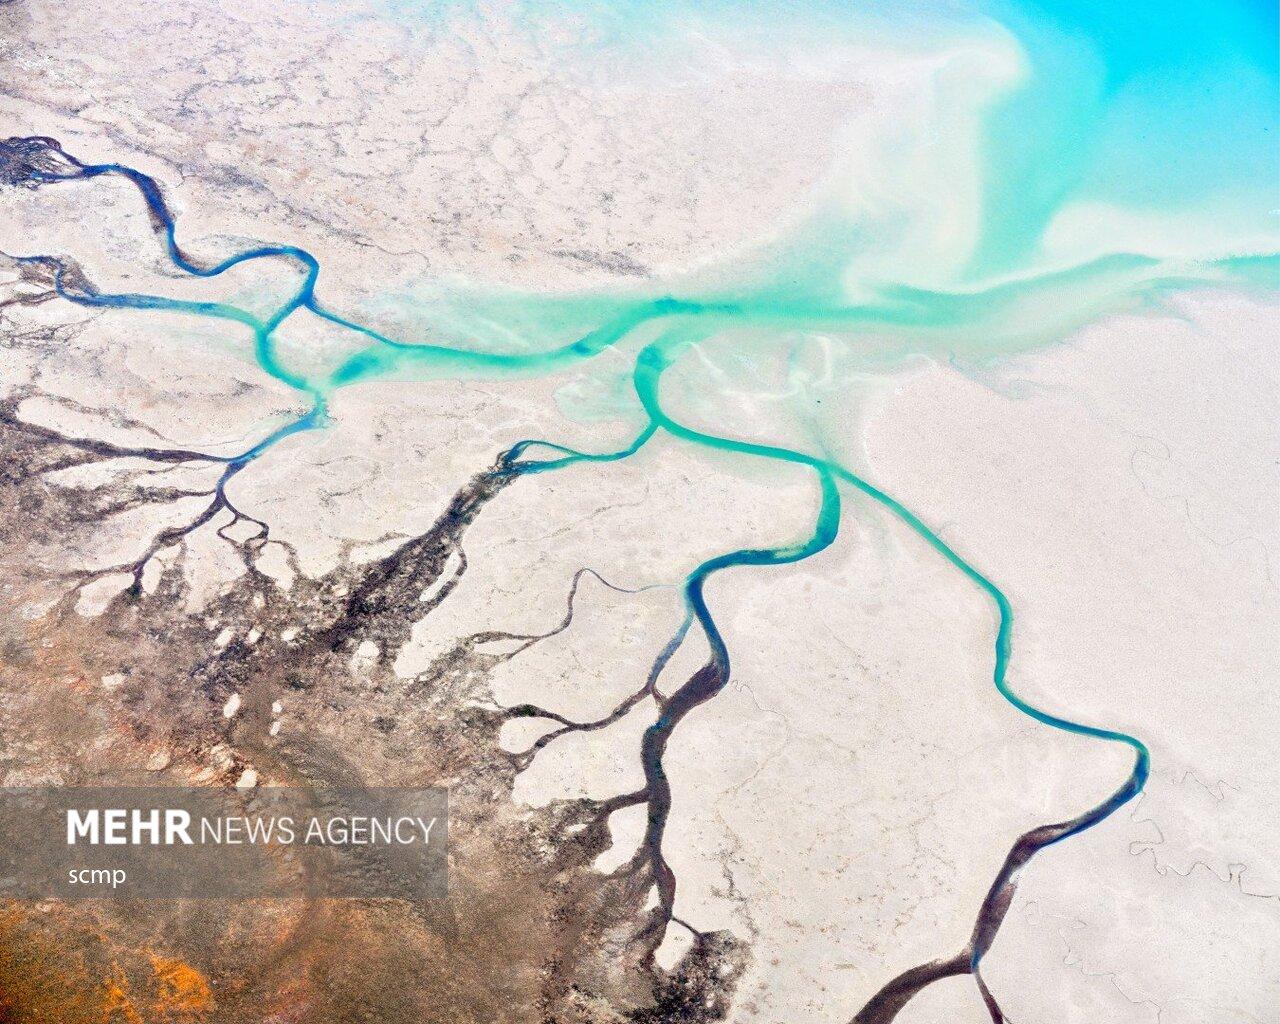 مختارات من الصور الفائزة في مسابقة صور الطبيعة في أستراليا